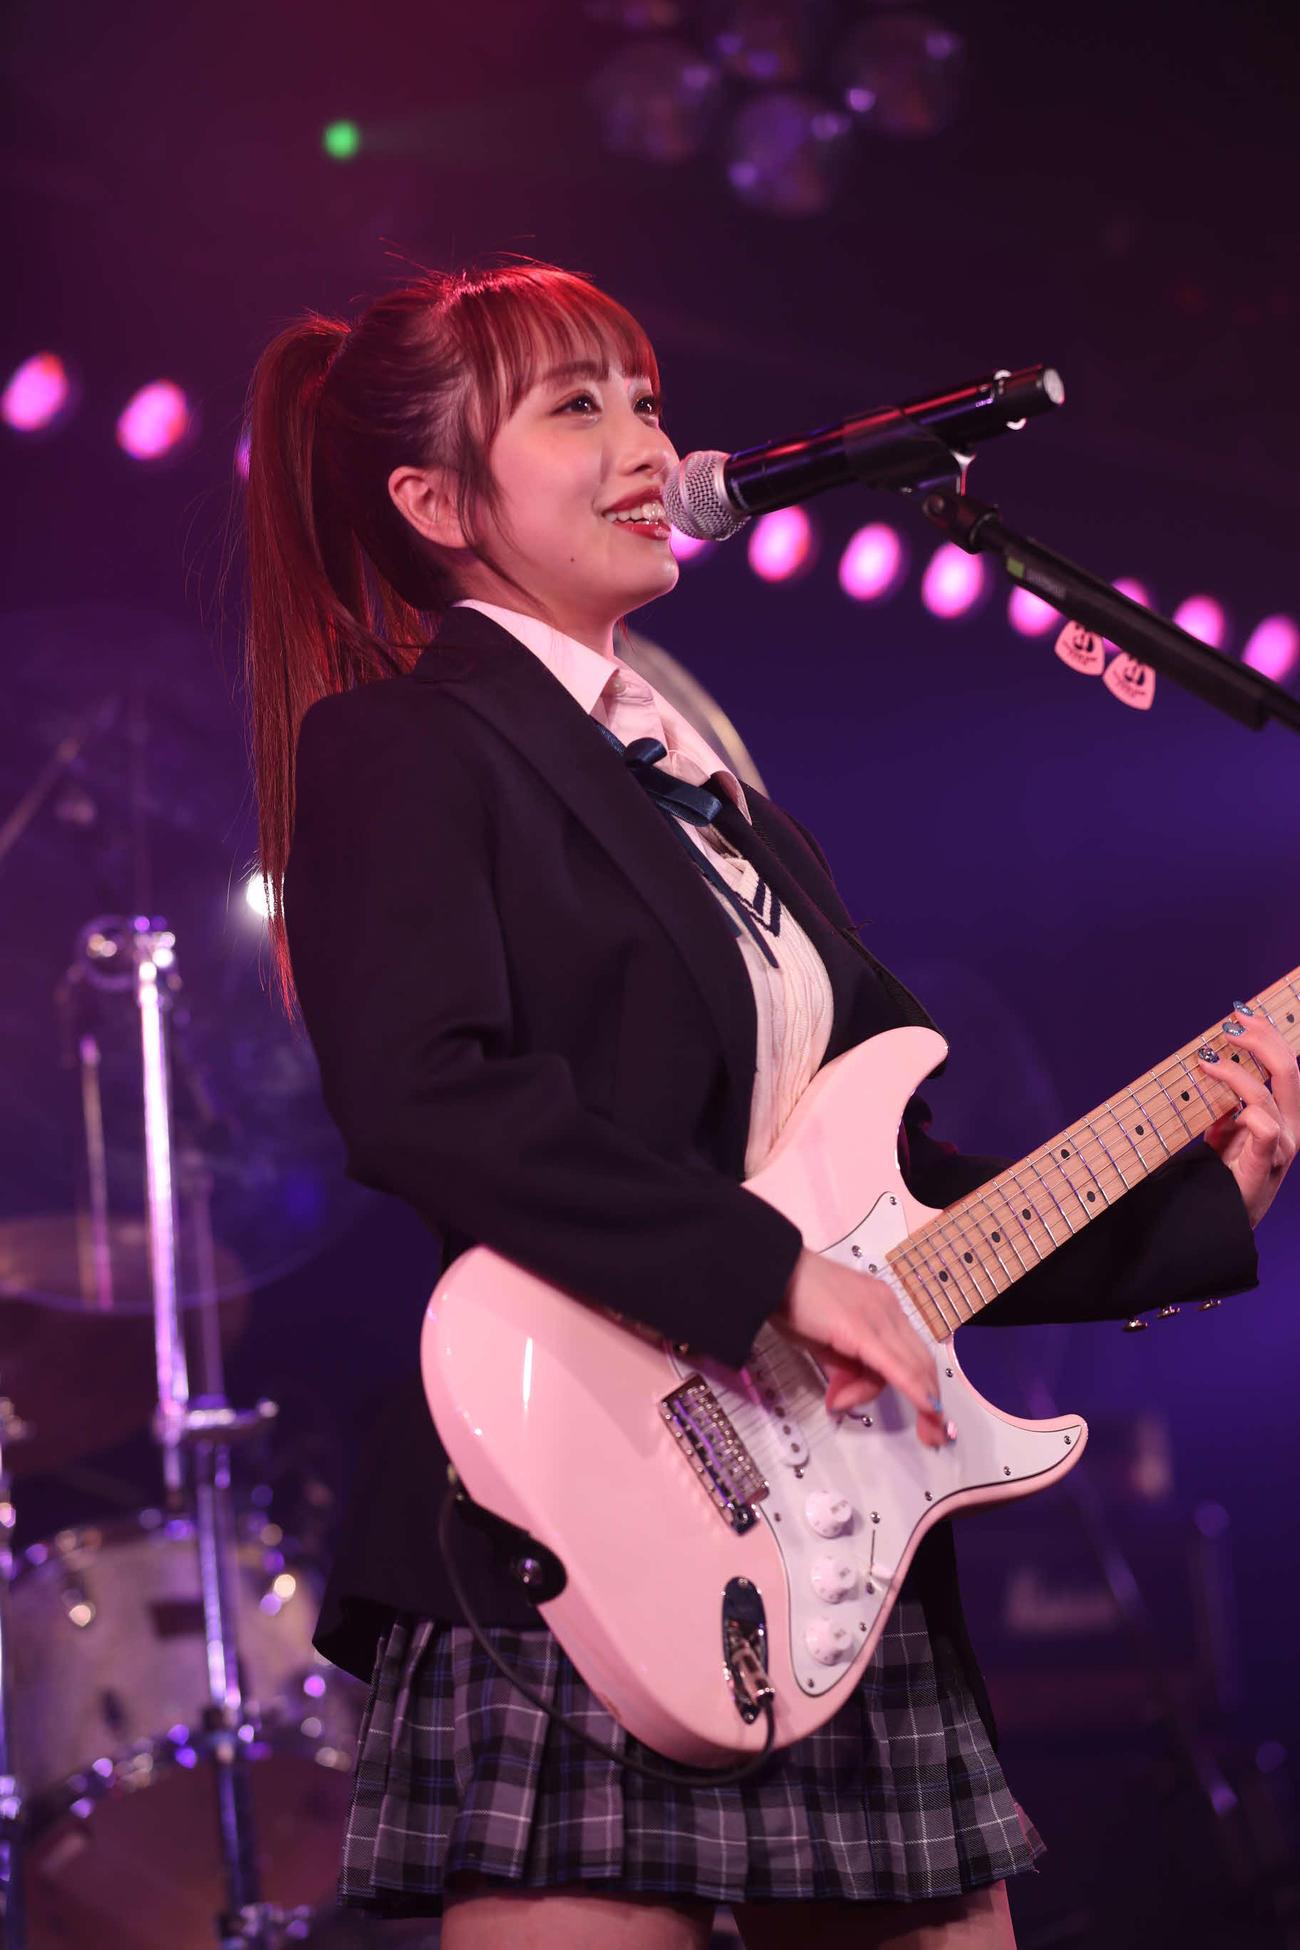 AKB48のバンドユニット「Lacet」お披露目公演で歌う向井地美音(C)AKB48